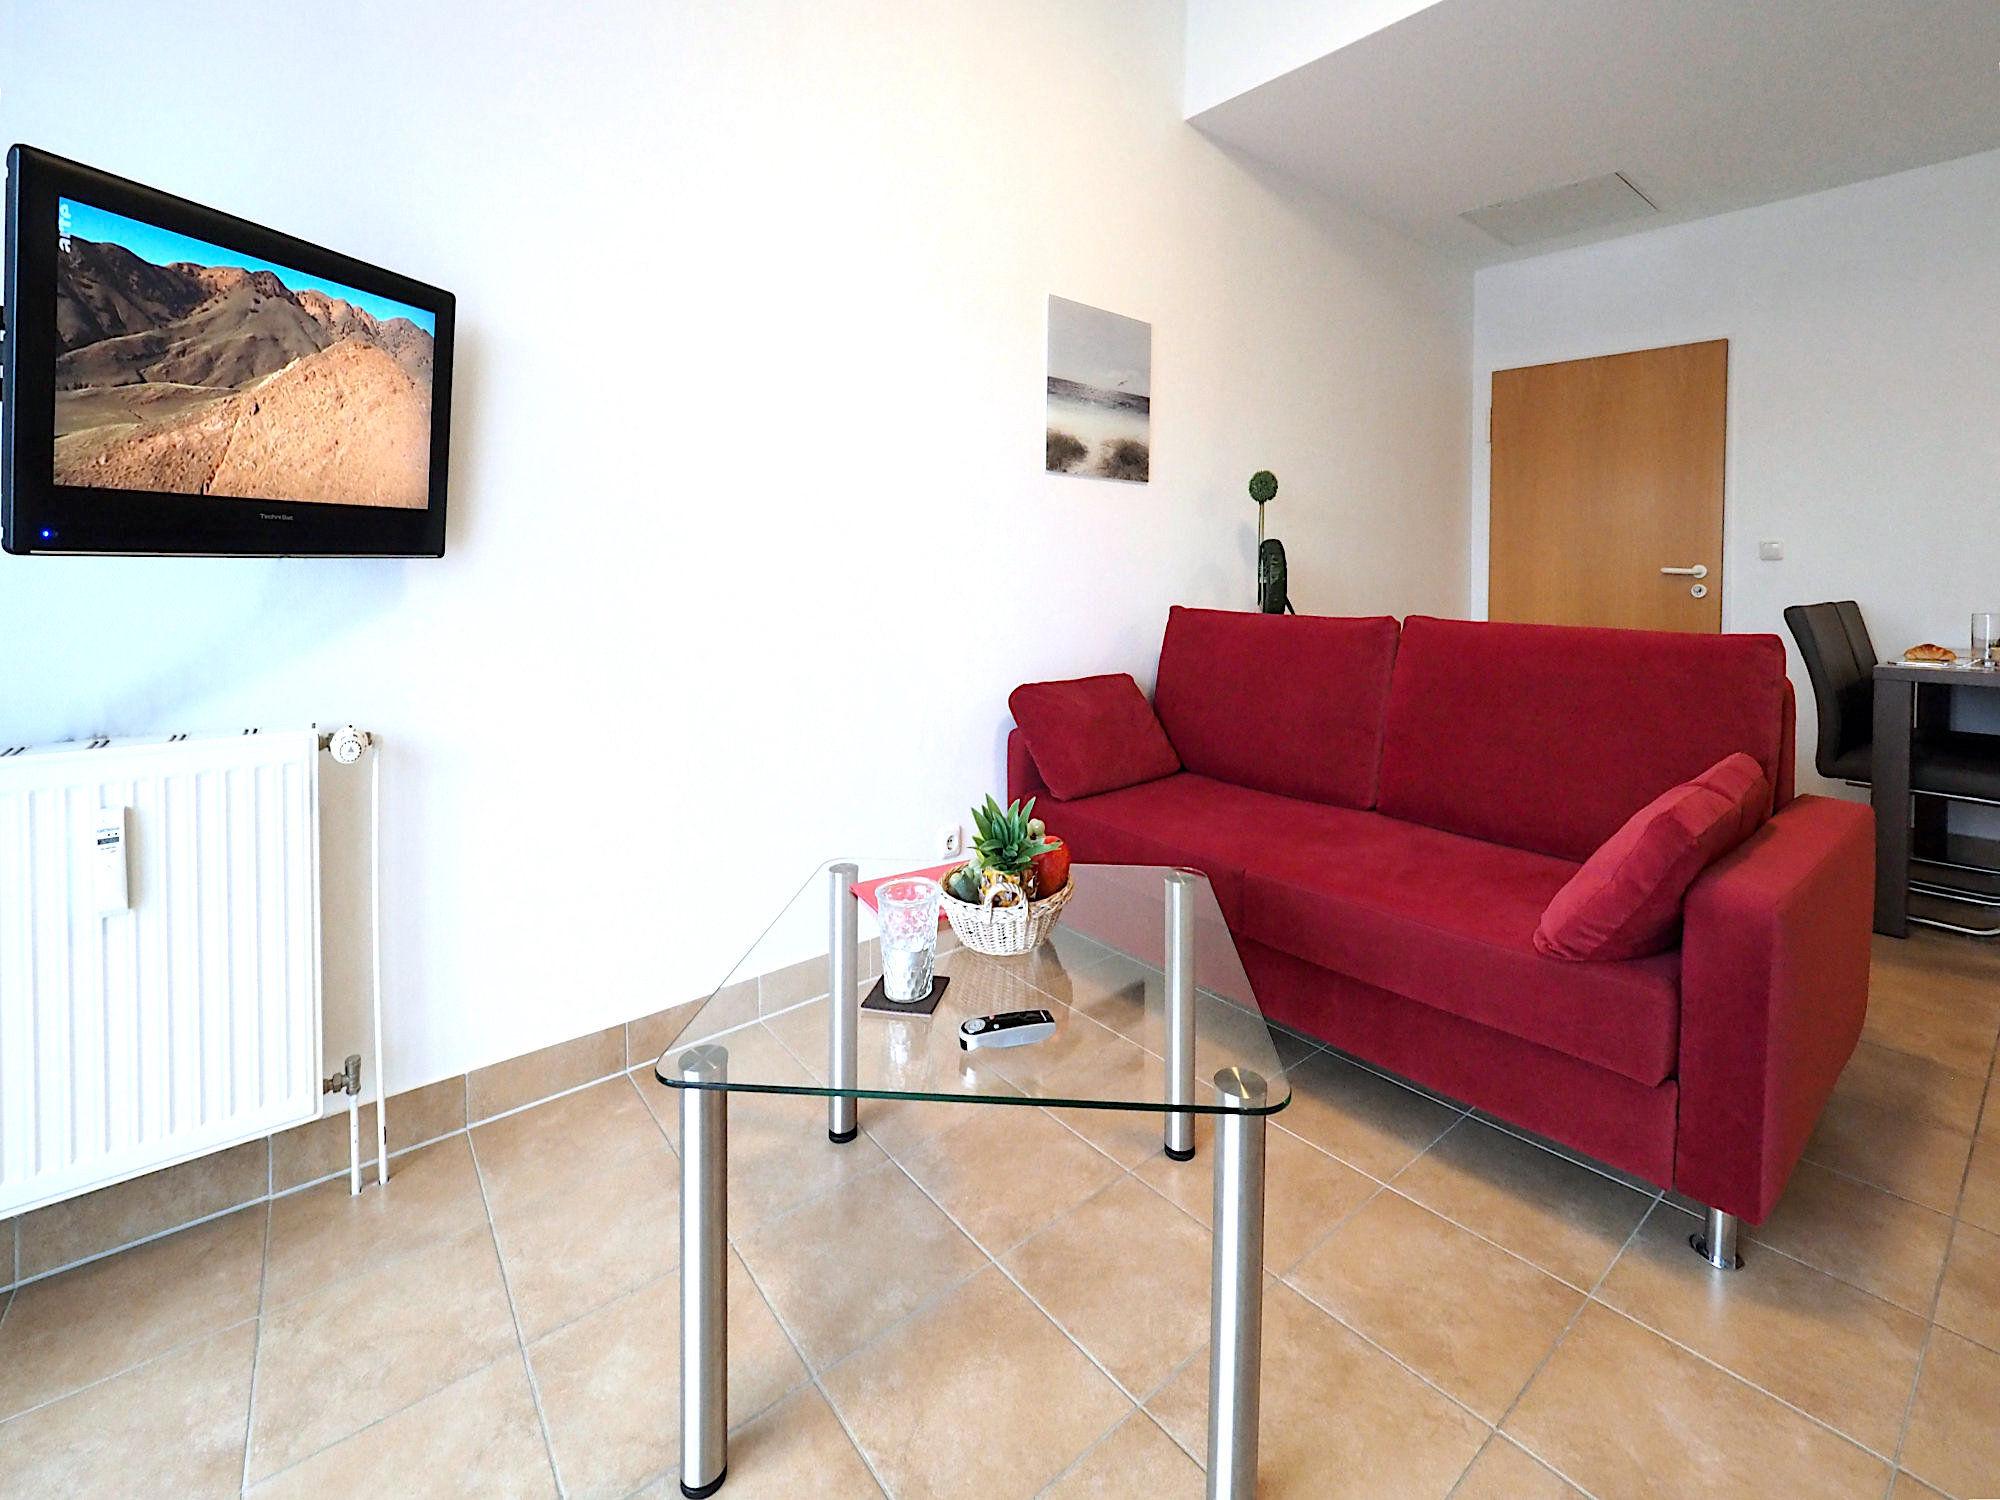 Wohnzimmer mit Couch, Glastisch und Flatscreen TV an der Wand hängend